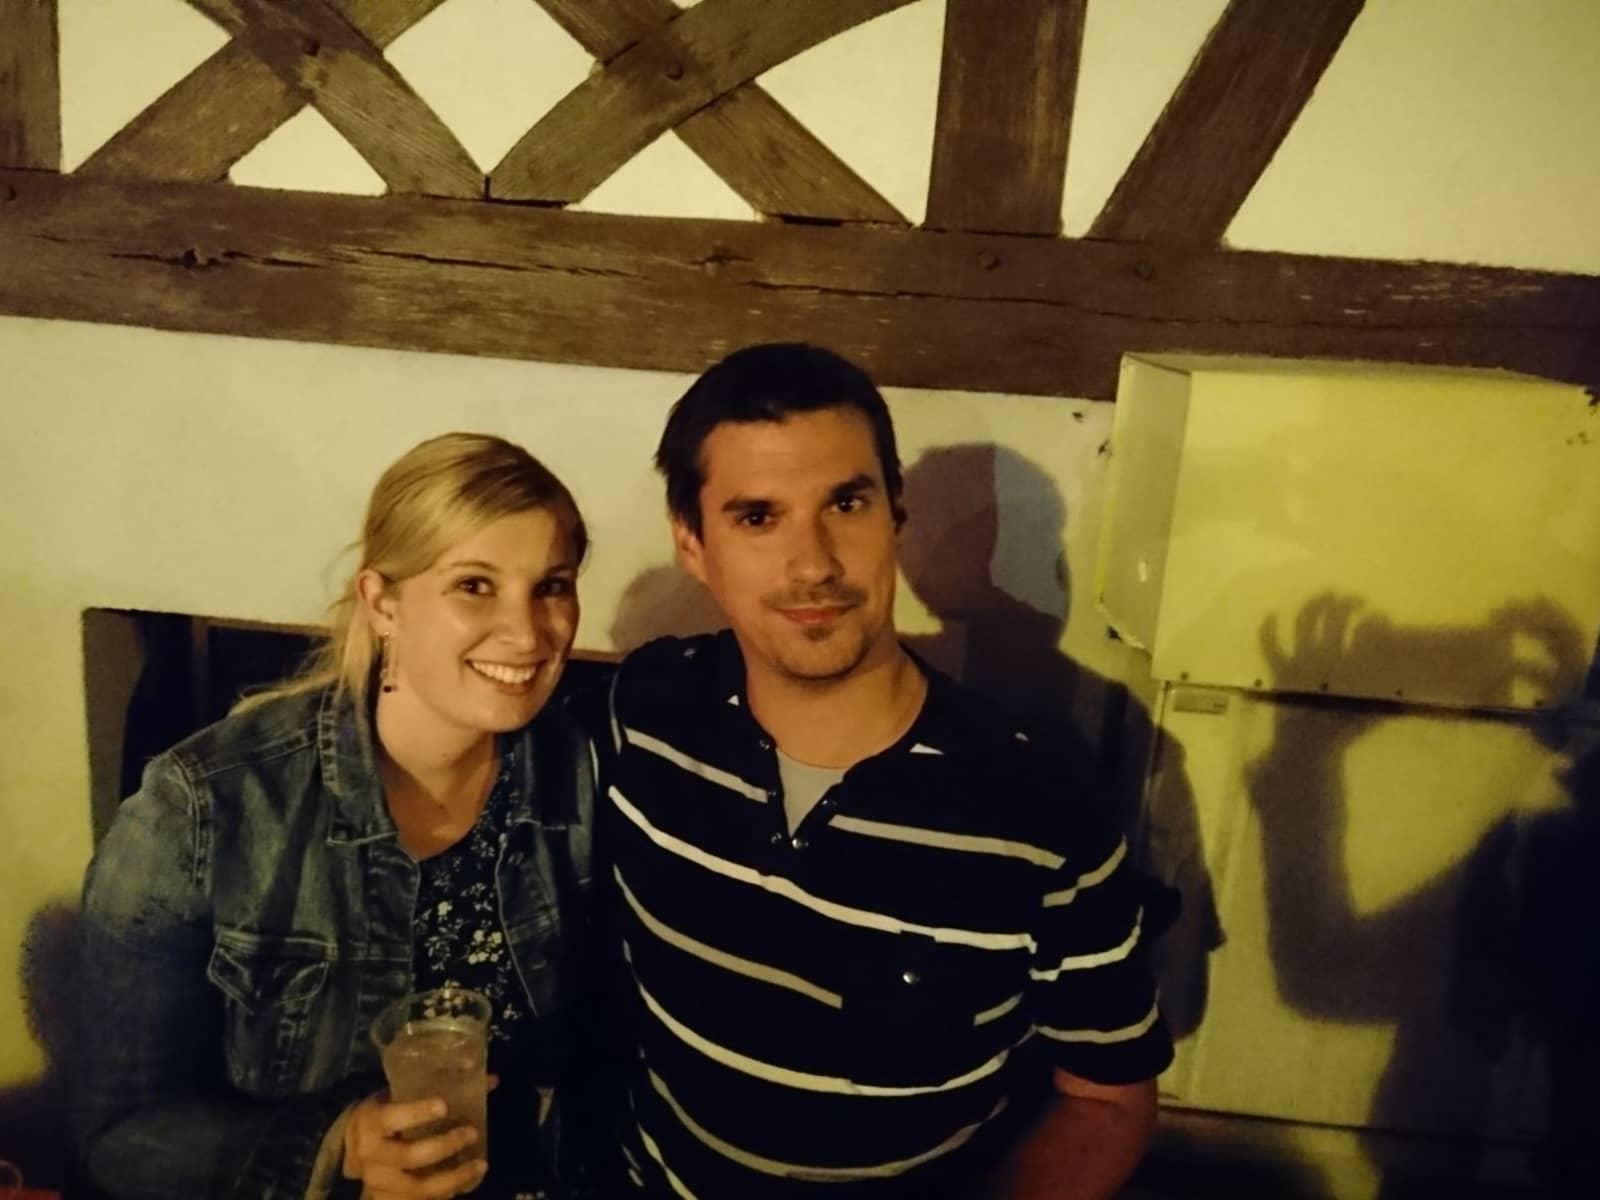 Johanna & Benjamin from Strasbourg, France